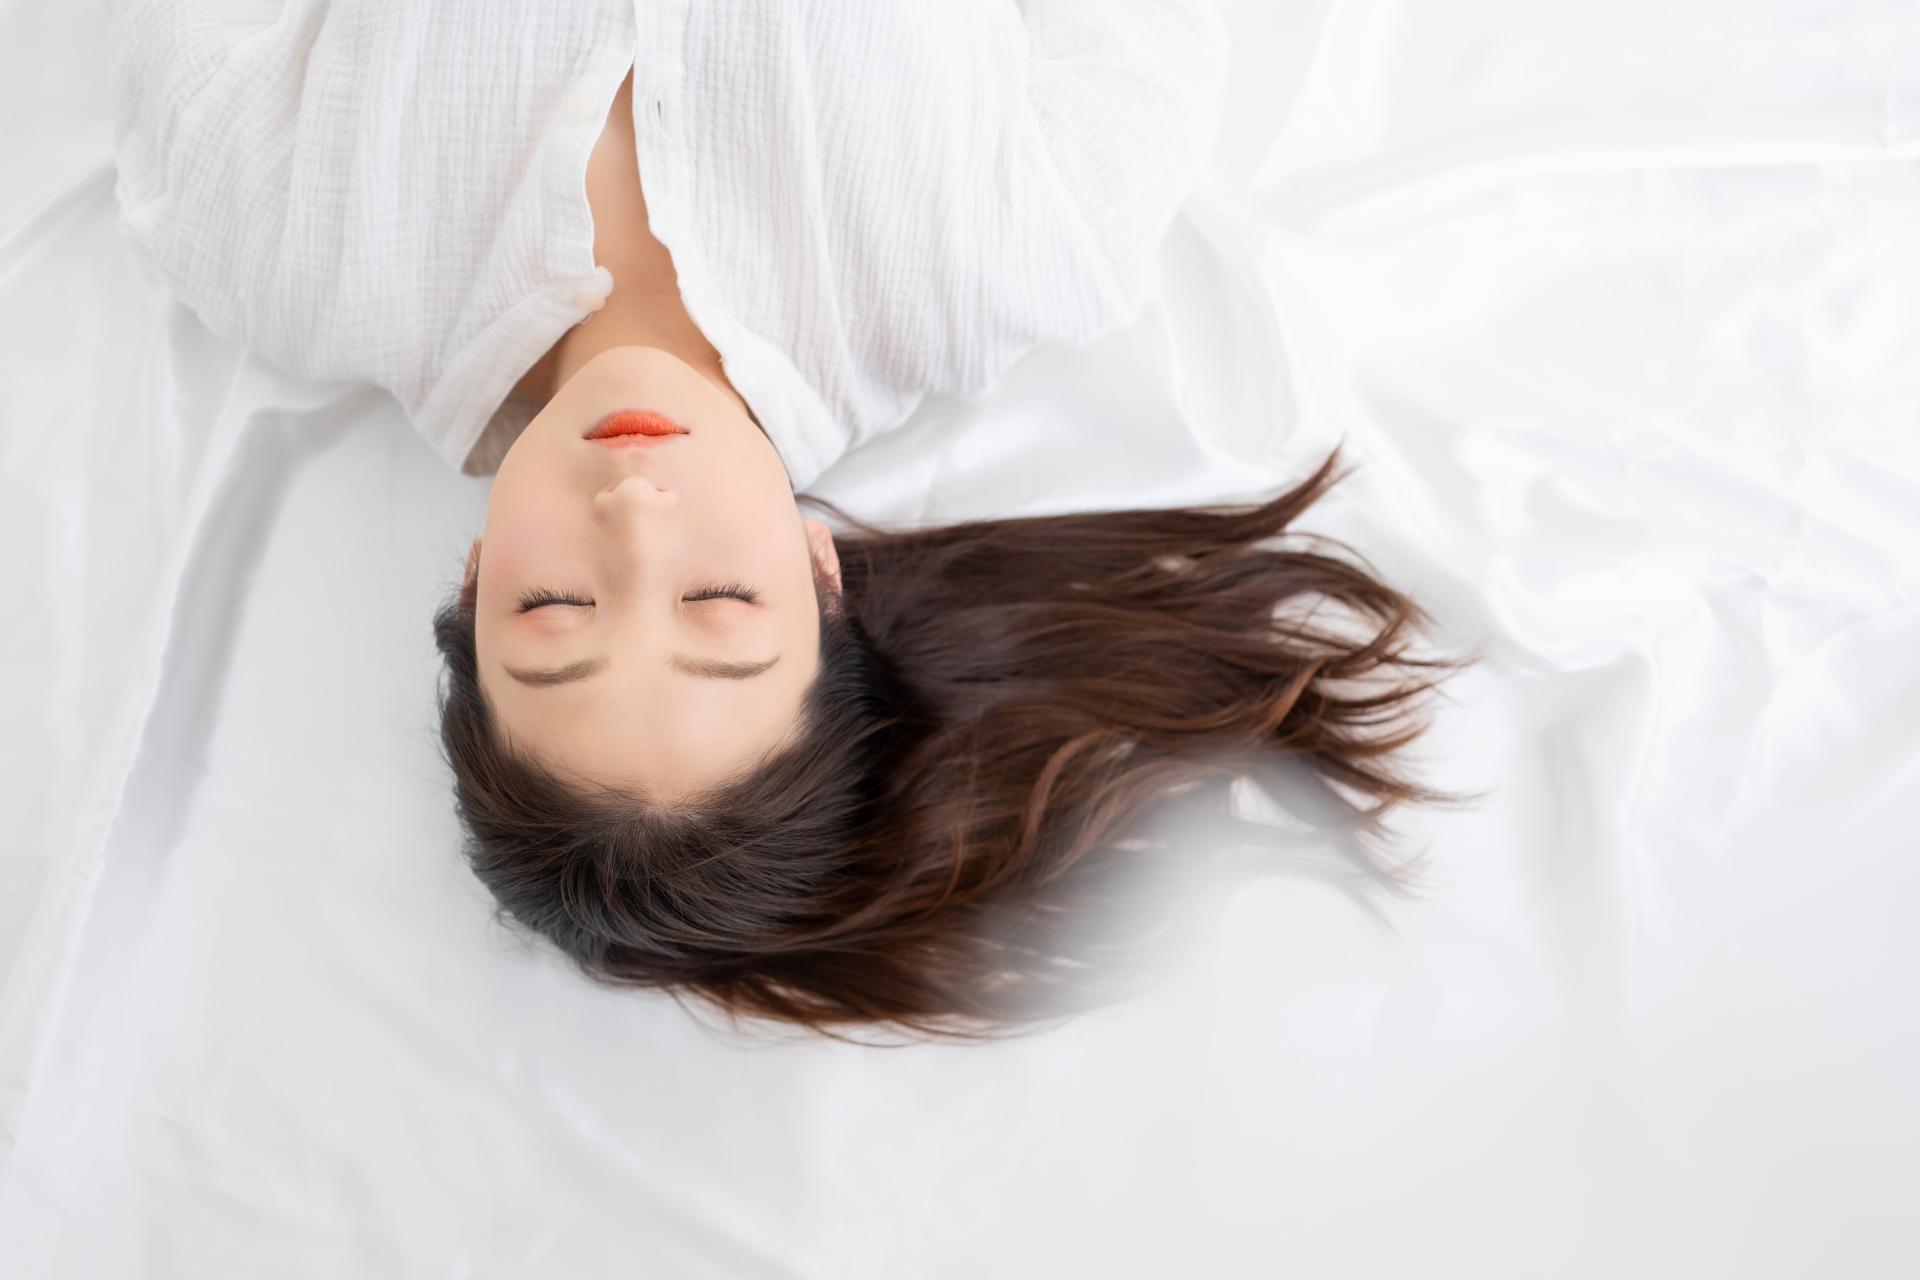 頭 の の とき 向き 寝る